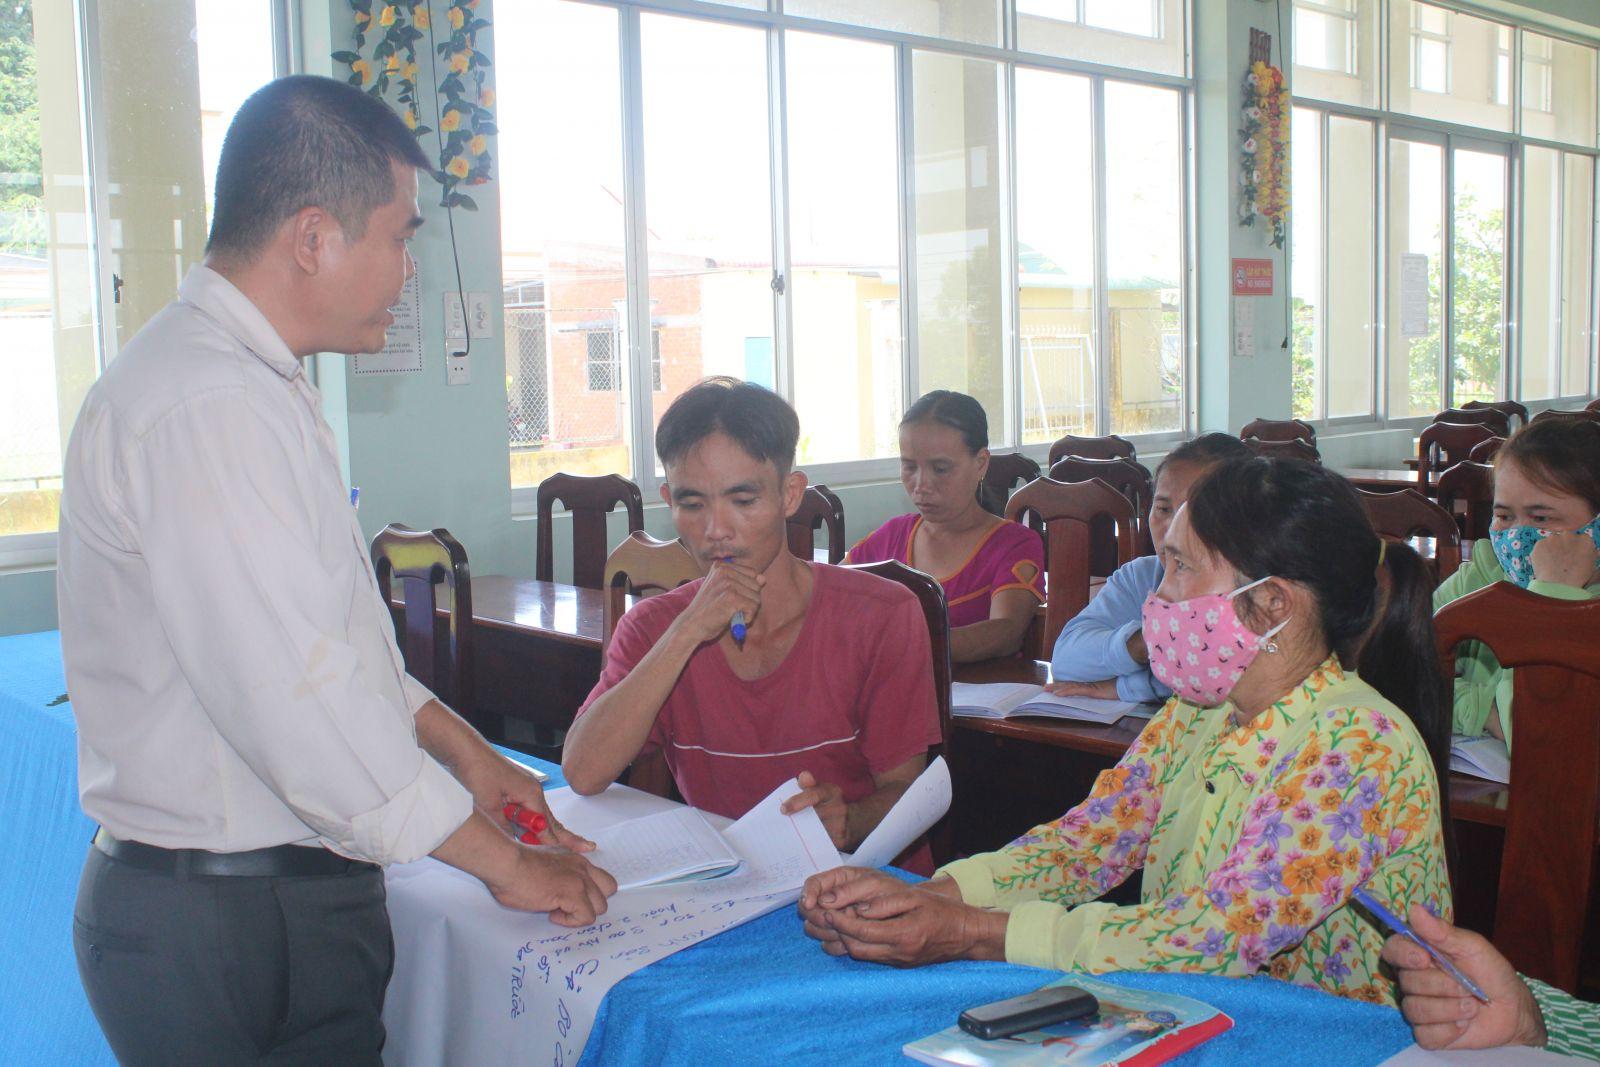 Lớp dạy nghề cho lao động nông thôn, tạo điều kiện cho người dân tiếp cận khoa học - kỹ thuật